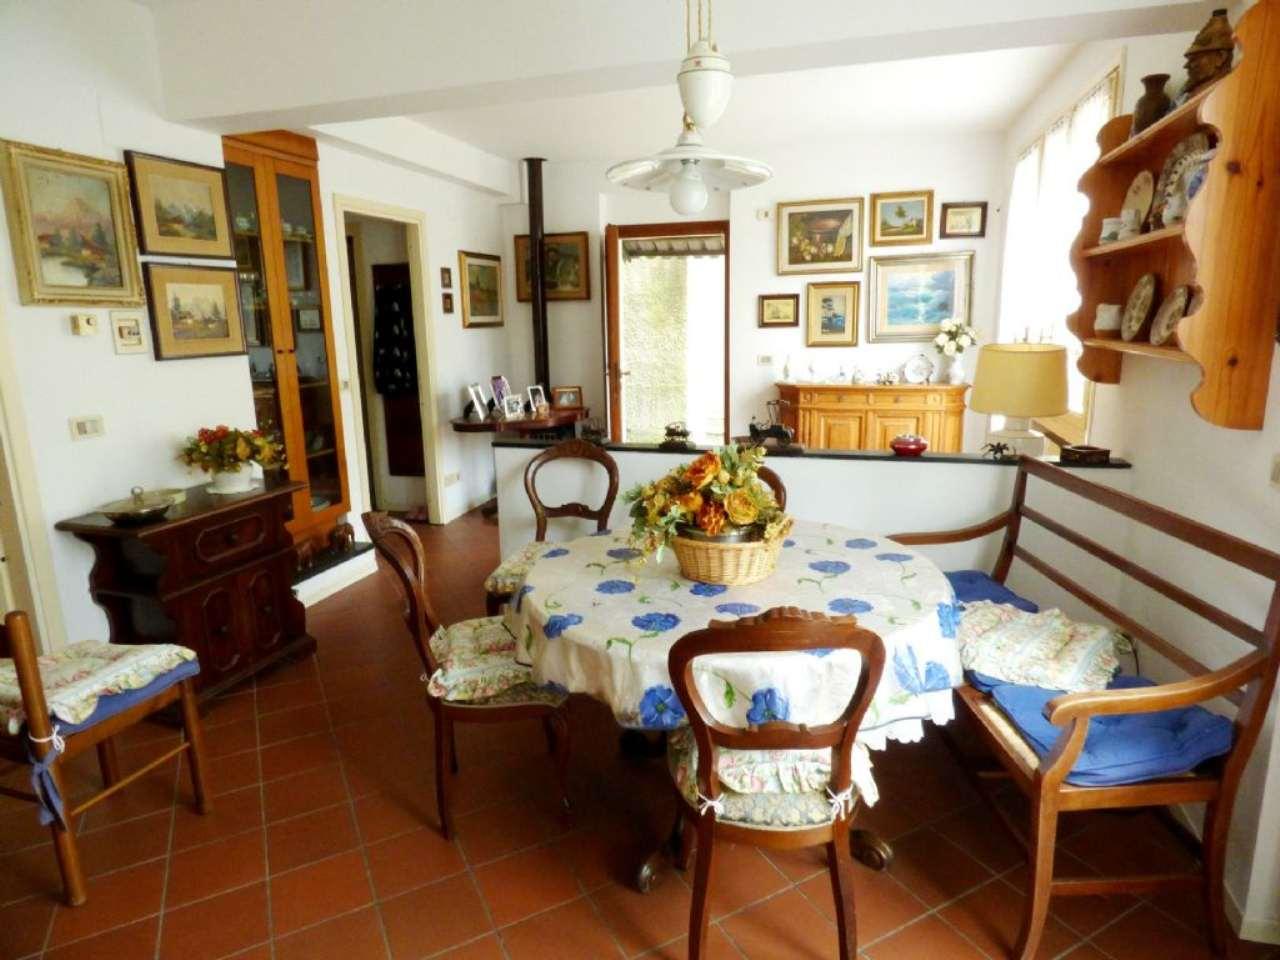 Soluzione Semindipendente in vendita a Tribogna, 5 locali, prezzo € 95.000 | Cambio Casa.it